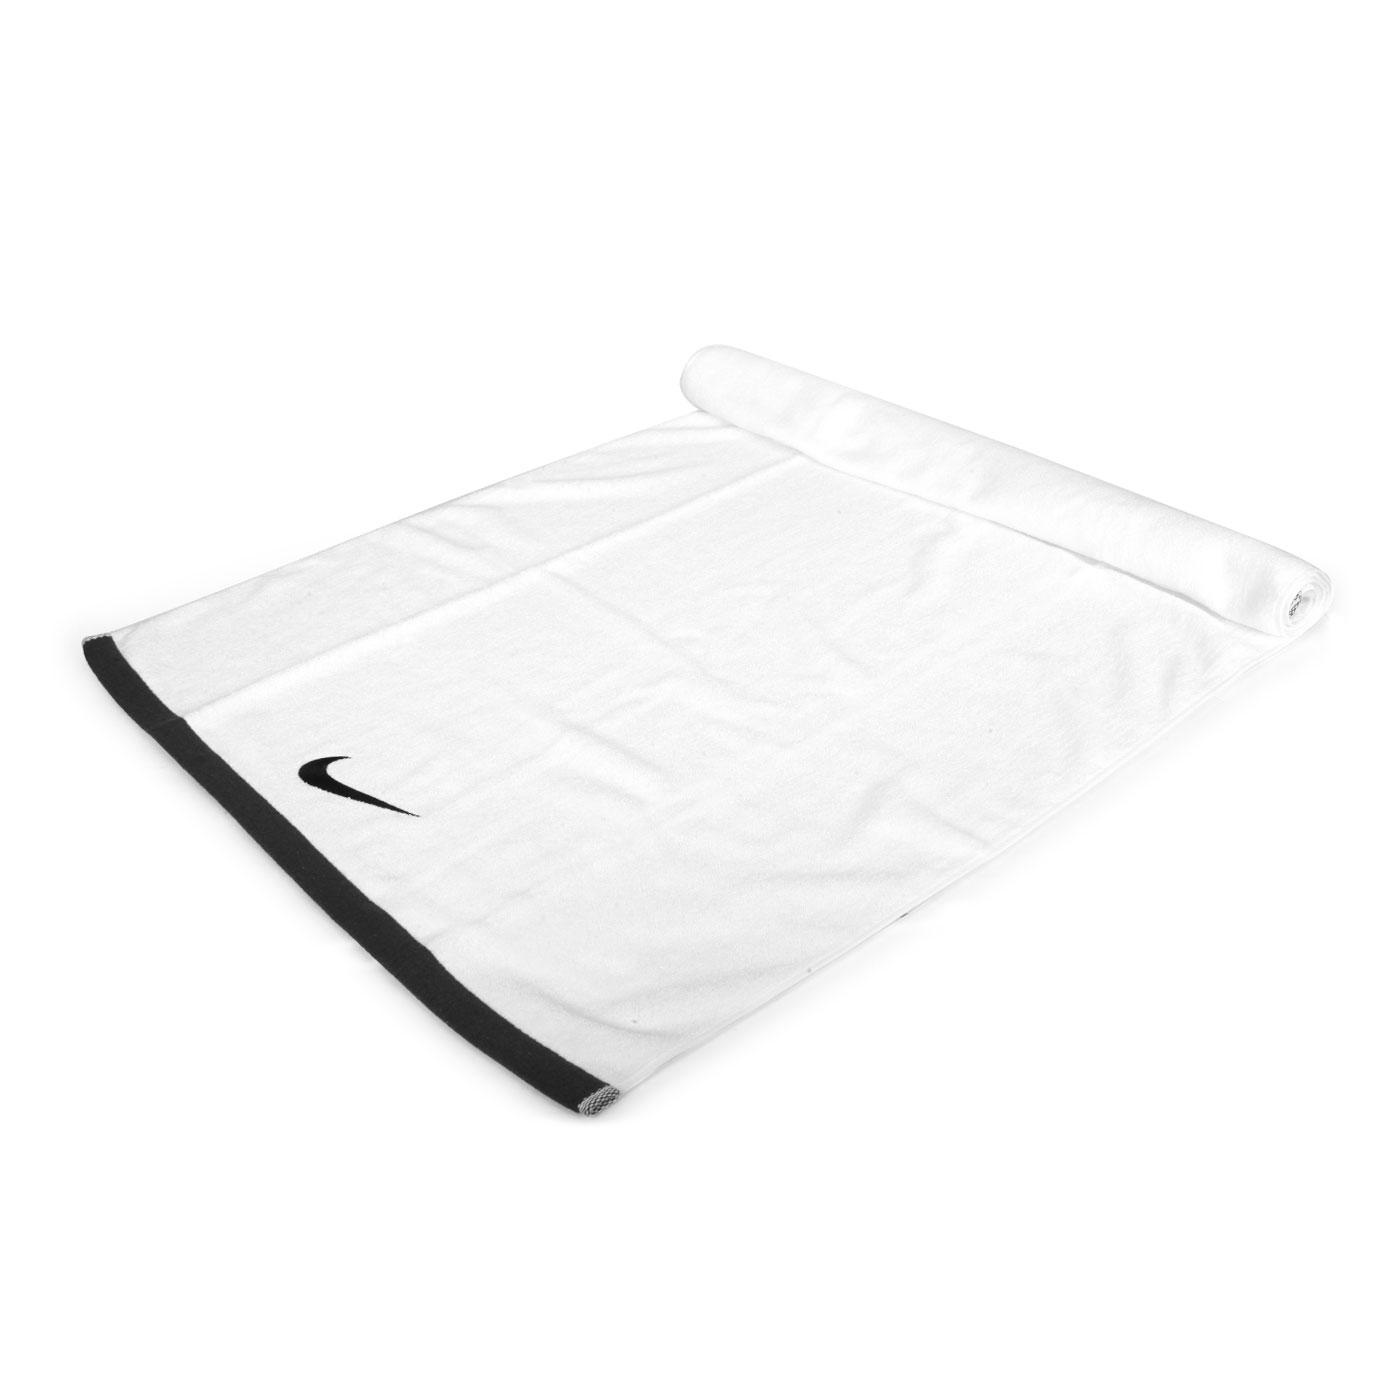 NIKE 運動大浴巾(60*120cm) N1001522010LG - 白灰黑